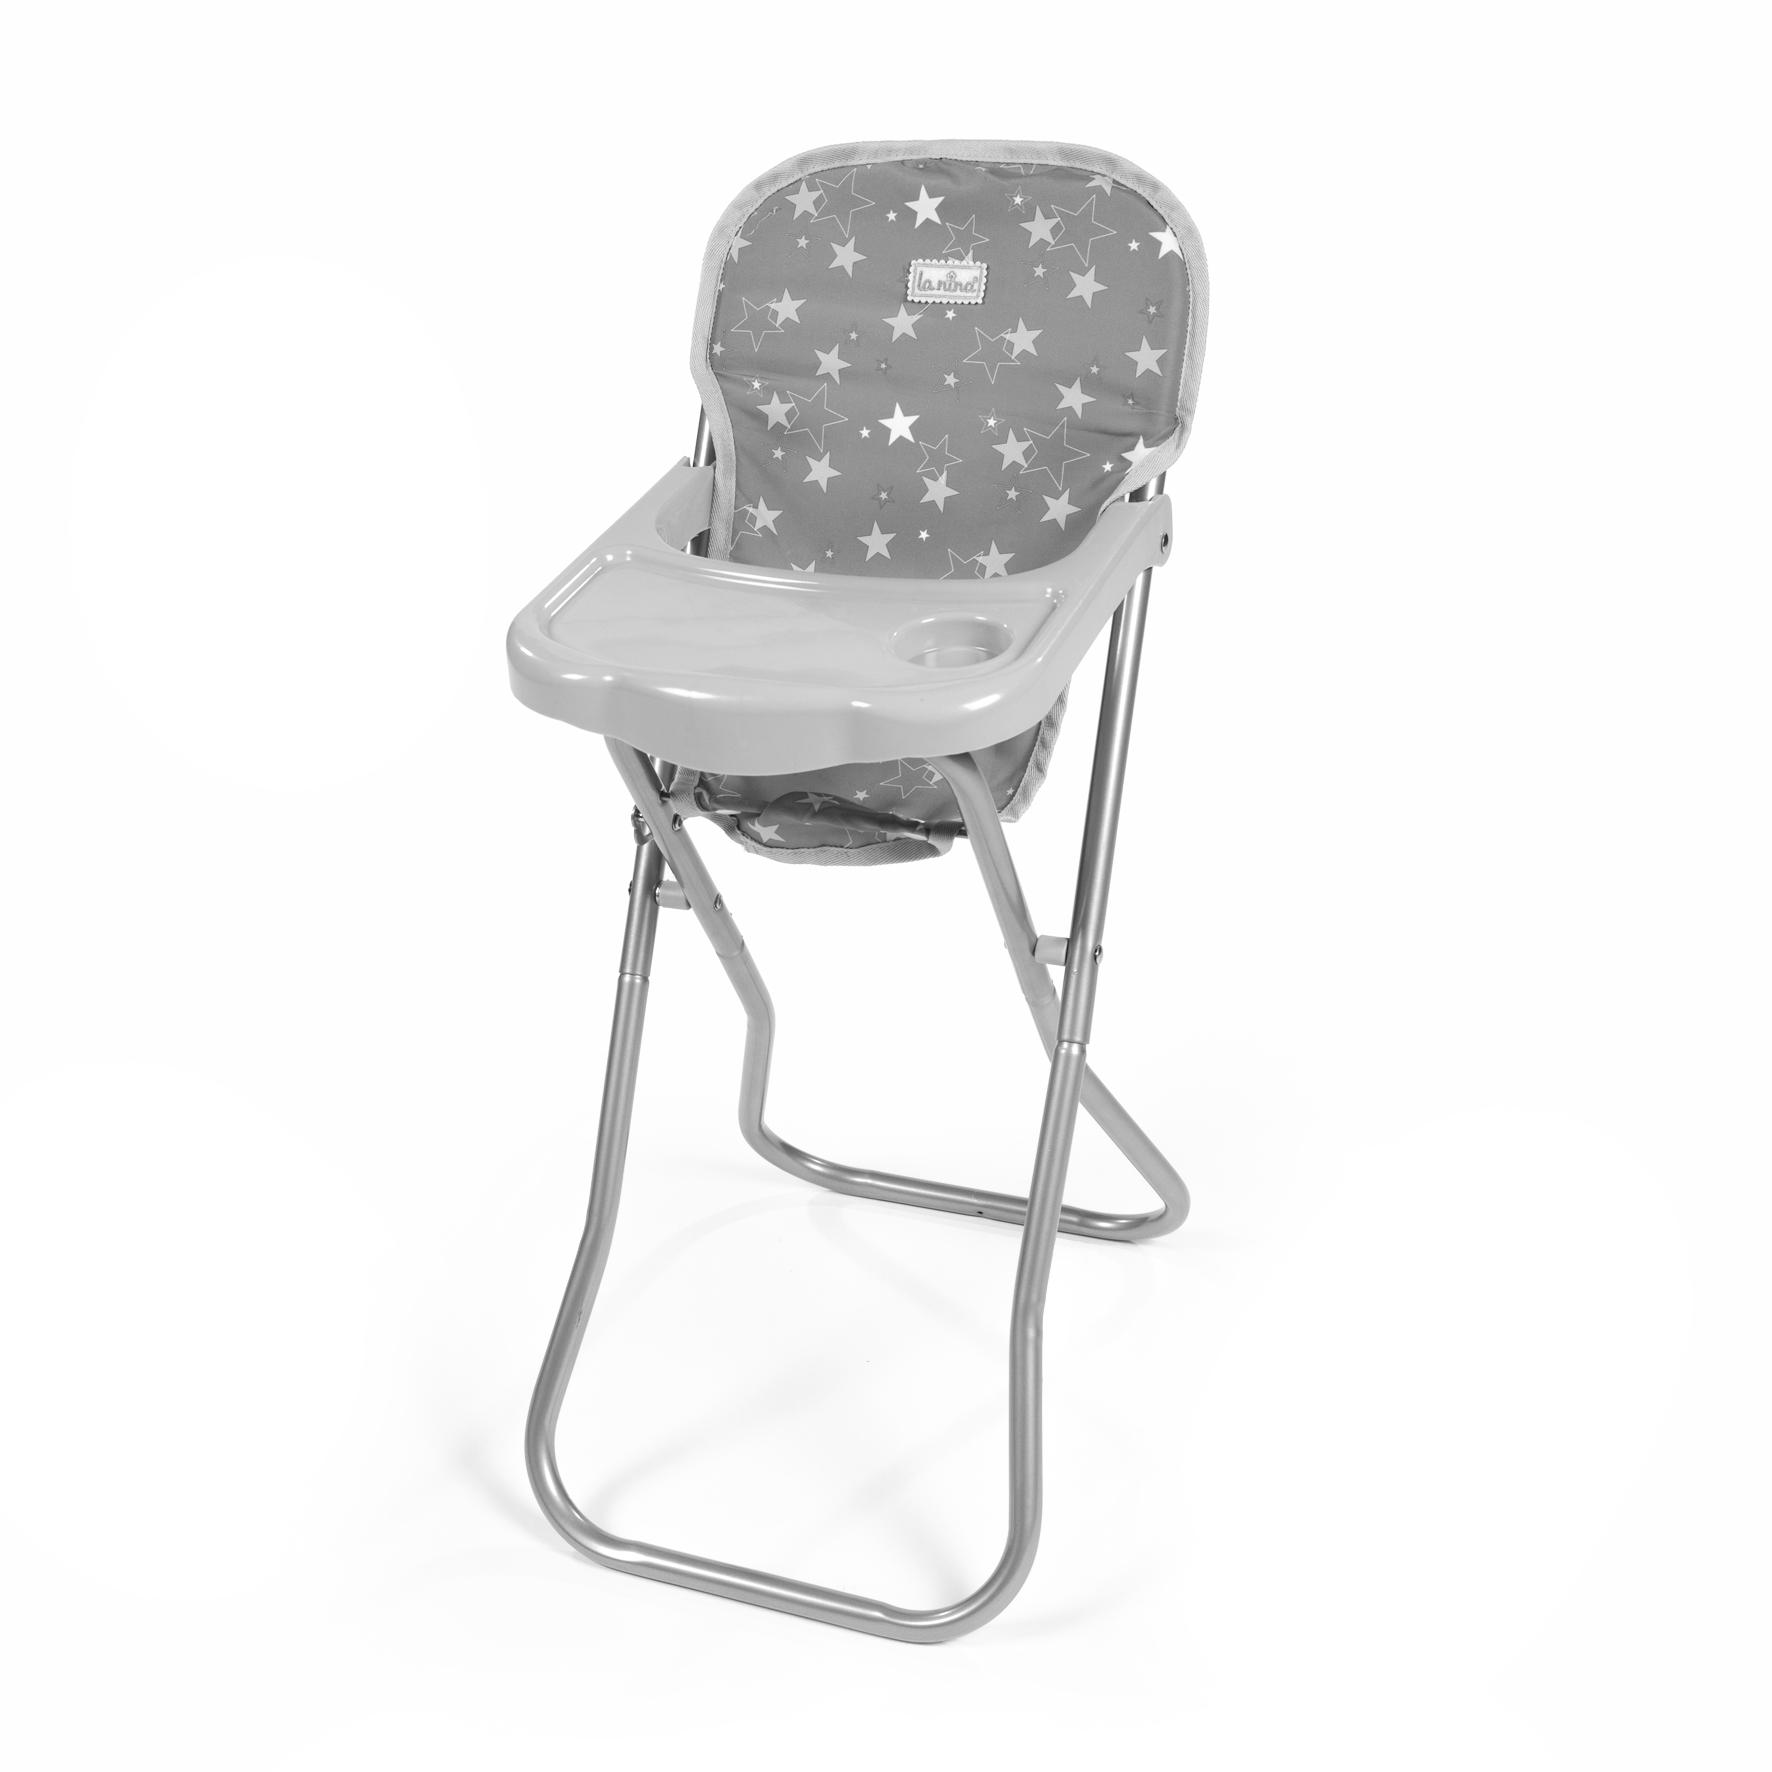 Cadeira de Comer Cinzenta